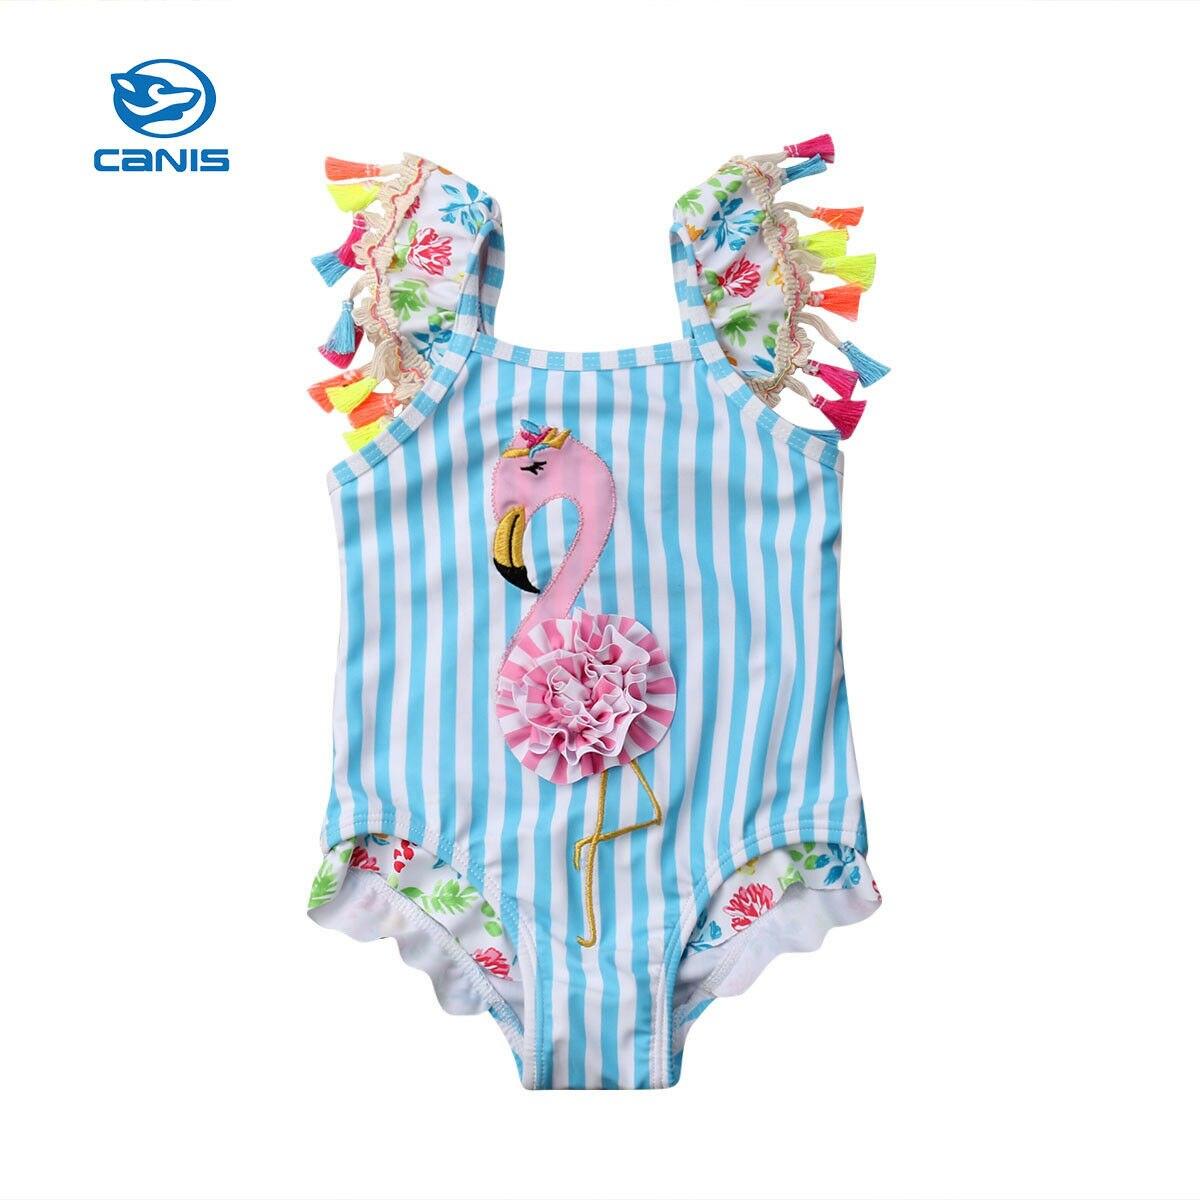 Nuevo traje de baño para niños pequeños, conjunto de Bikini de borlas de una pieza con tira de flamenco, traje de baño, Monokini de playa